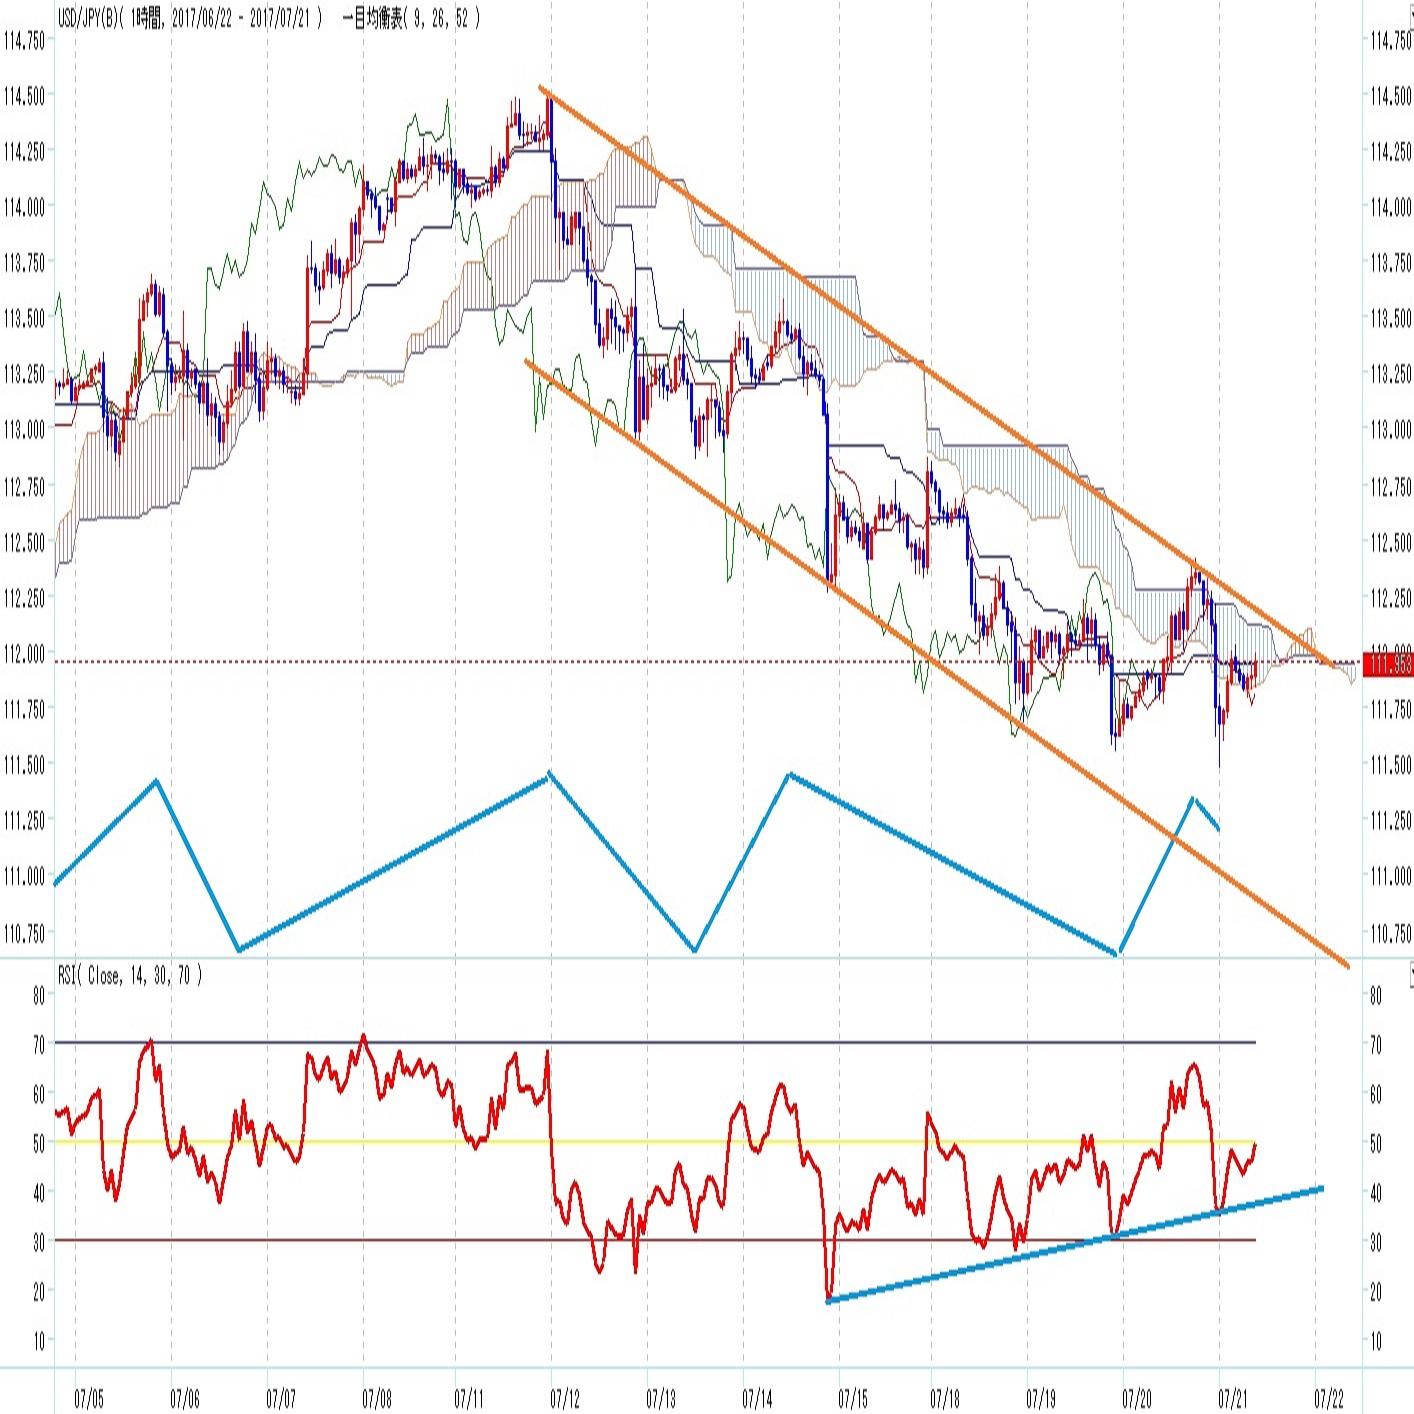 ドル円見通し ECB出口戦略意識でユーロ高(7/21)